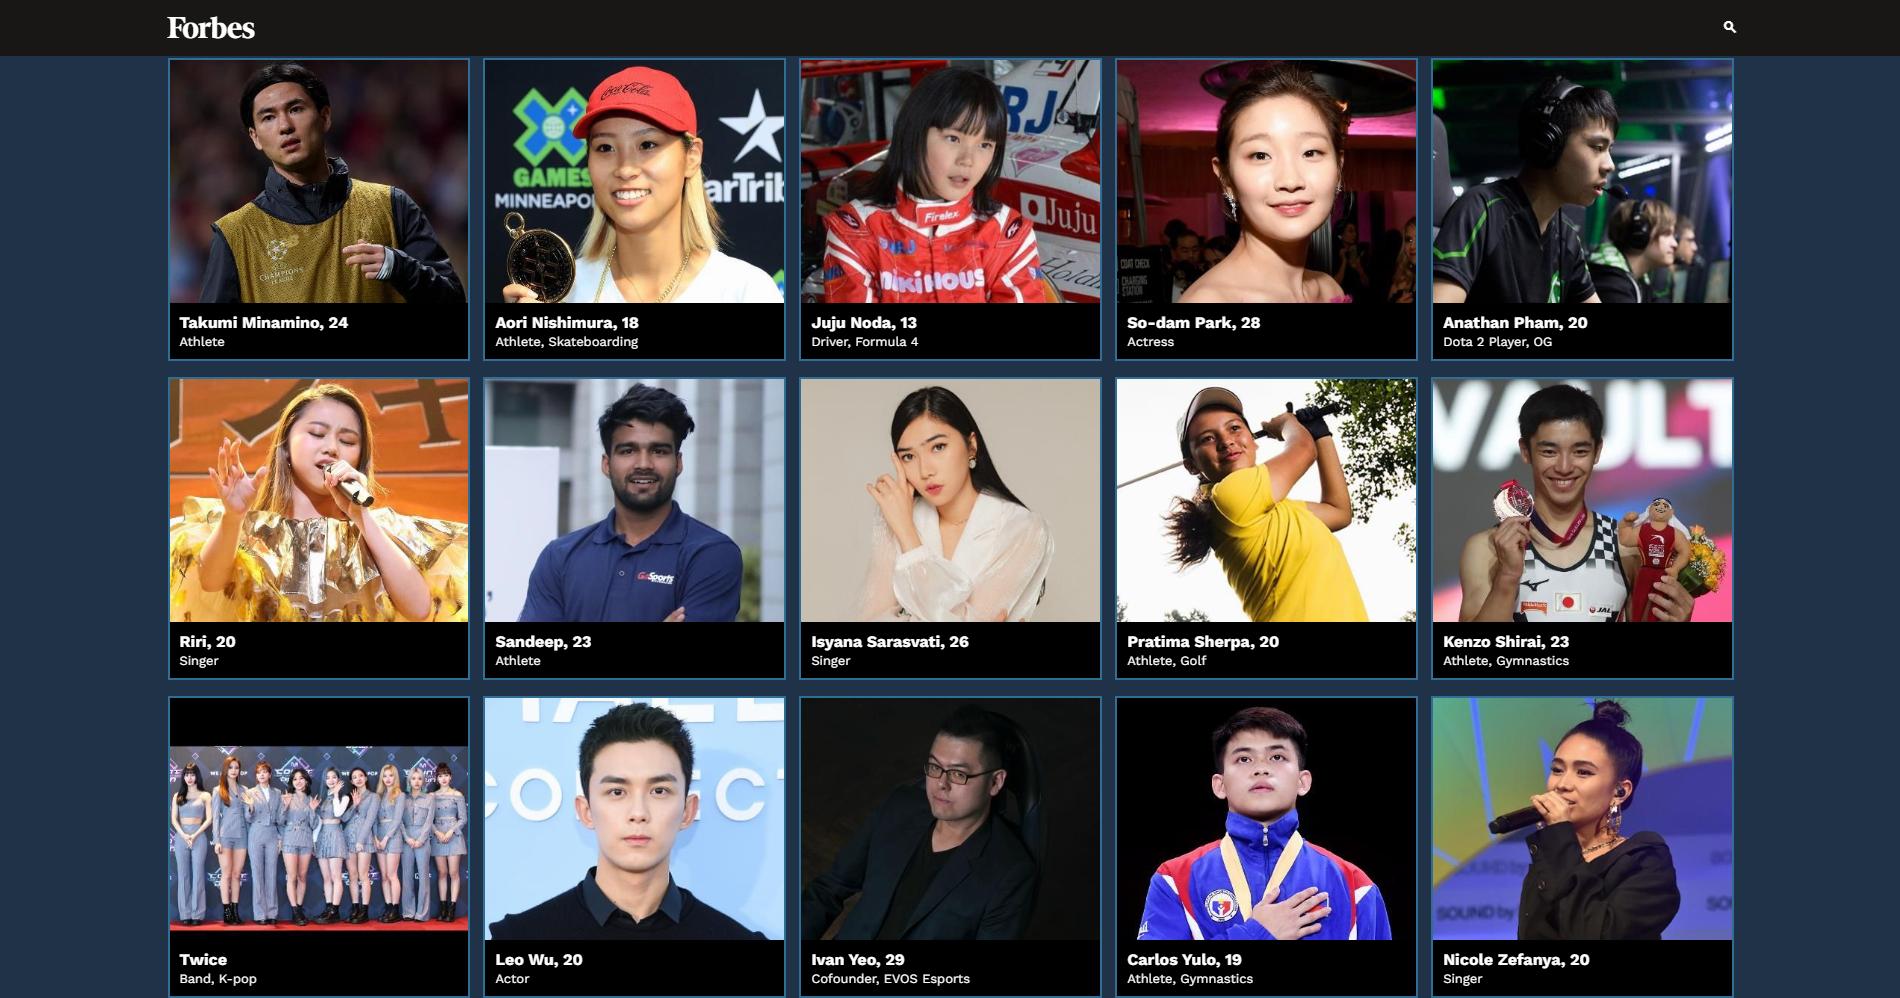 api cdn.gametv.vn 9146ef734cf146b7b85151b0044c6e17 - Ana xuất hiện trong top 30 người có sức ảnh hưởng nhất châu Á của tạp chí Forbes